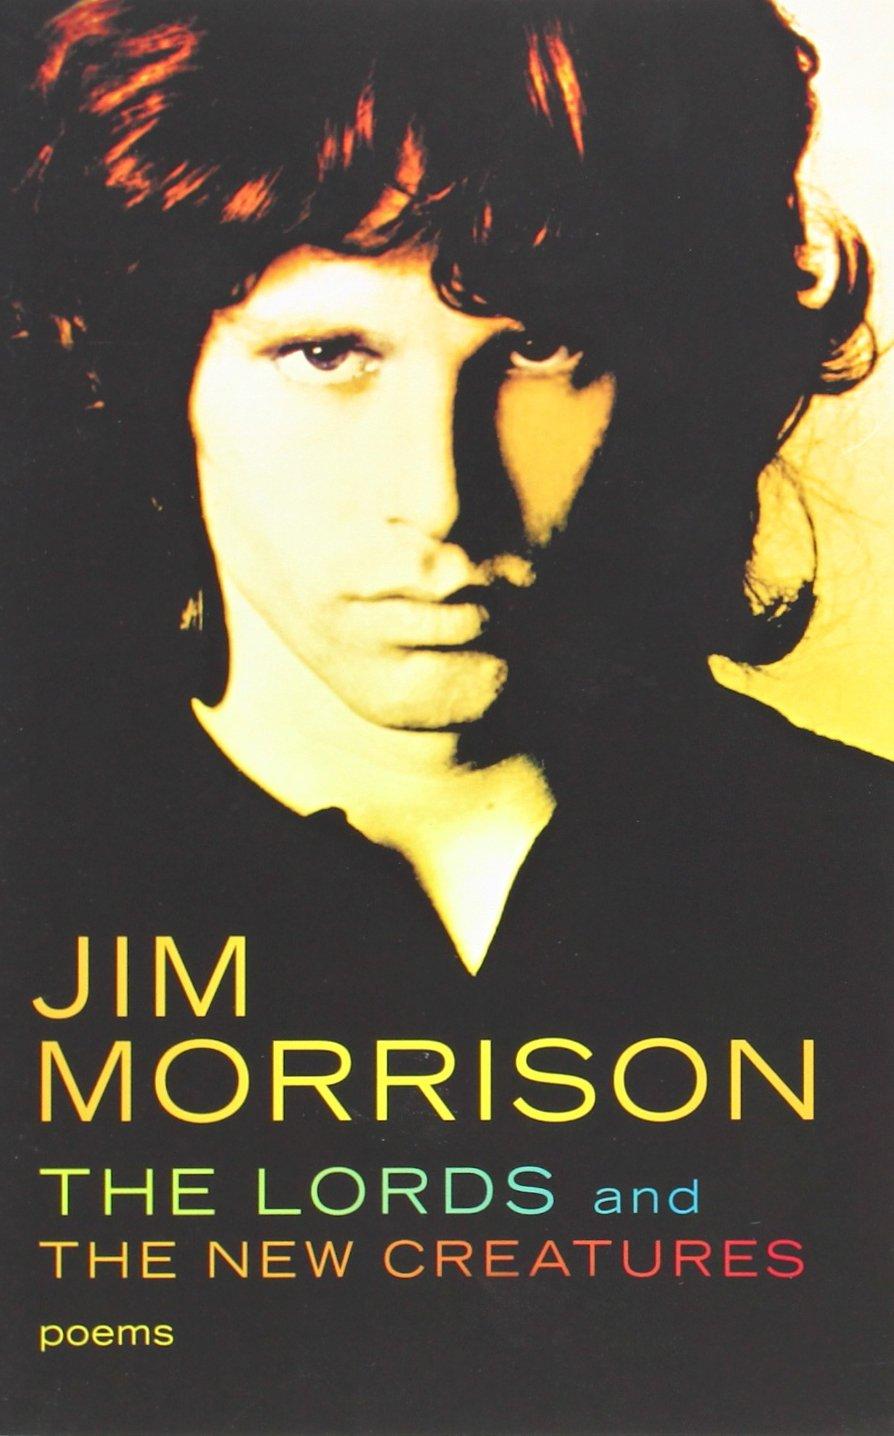 JIM MORRISON (FOTO 2)